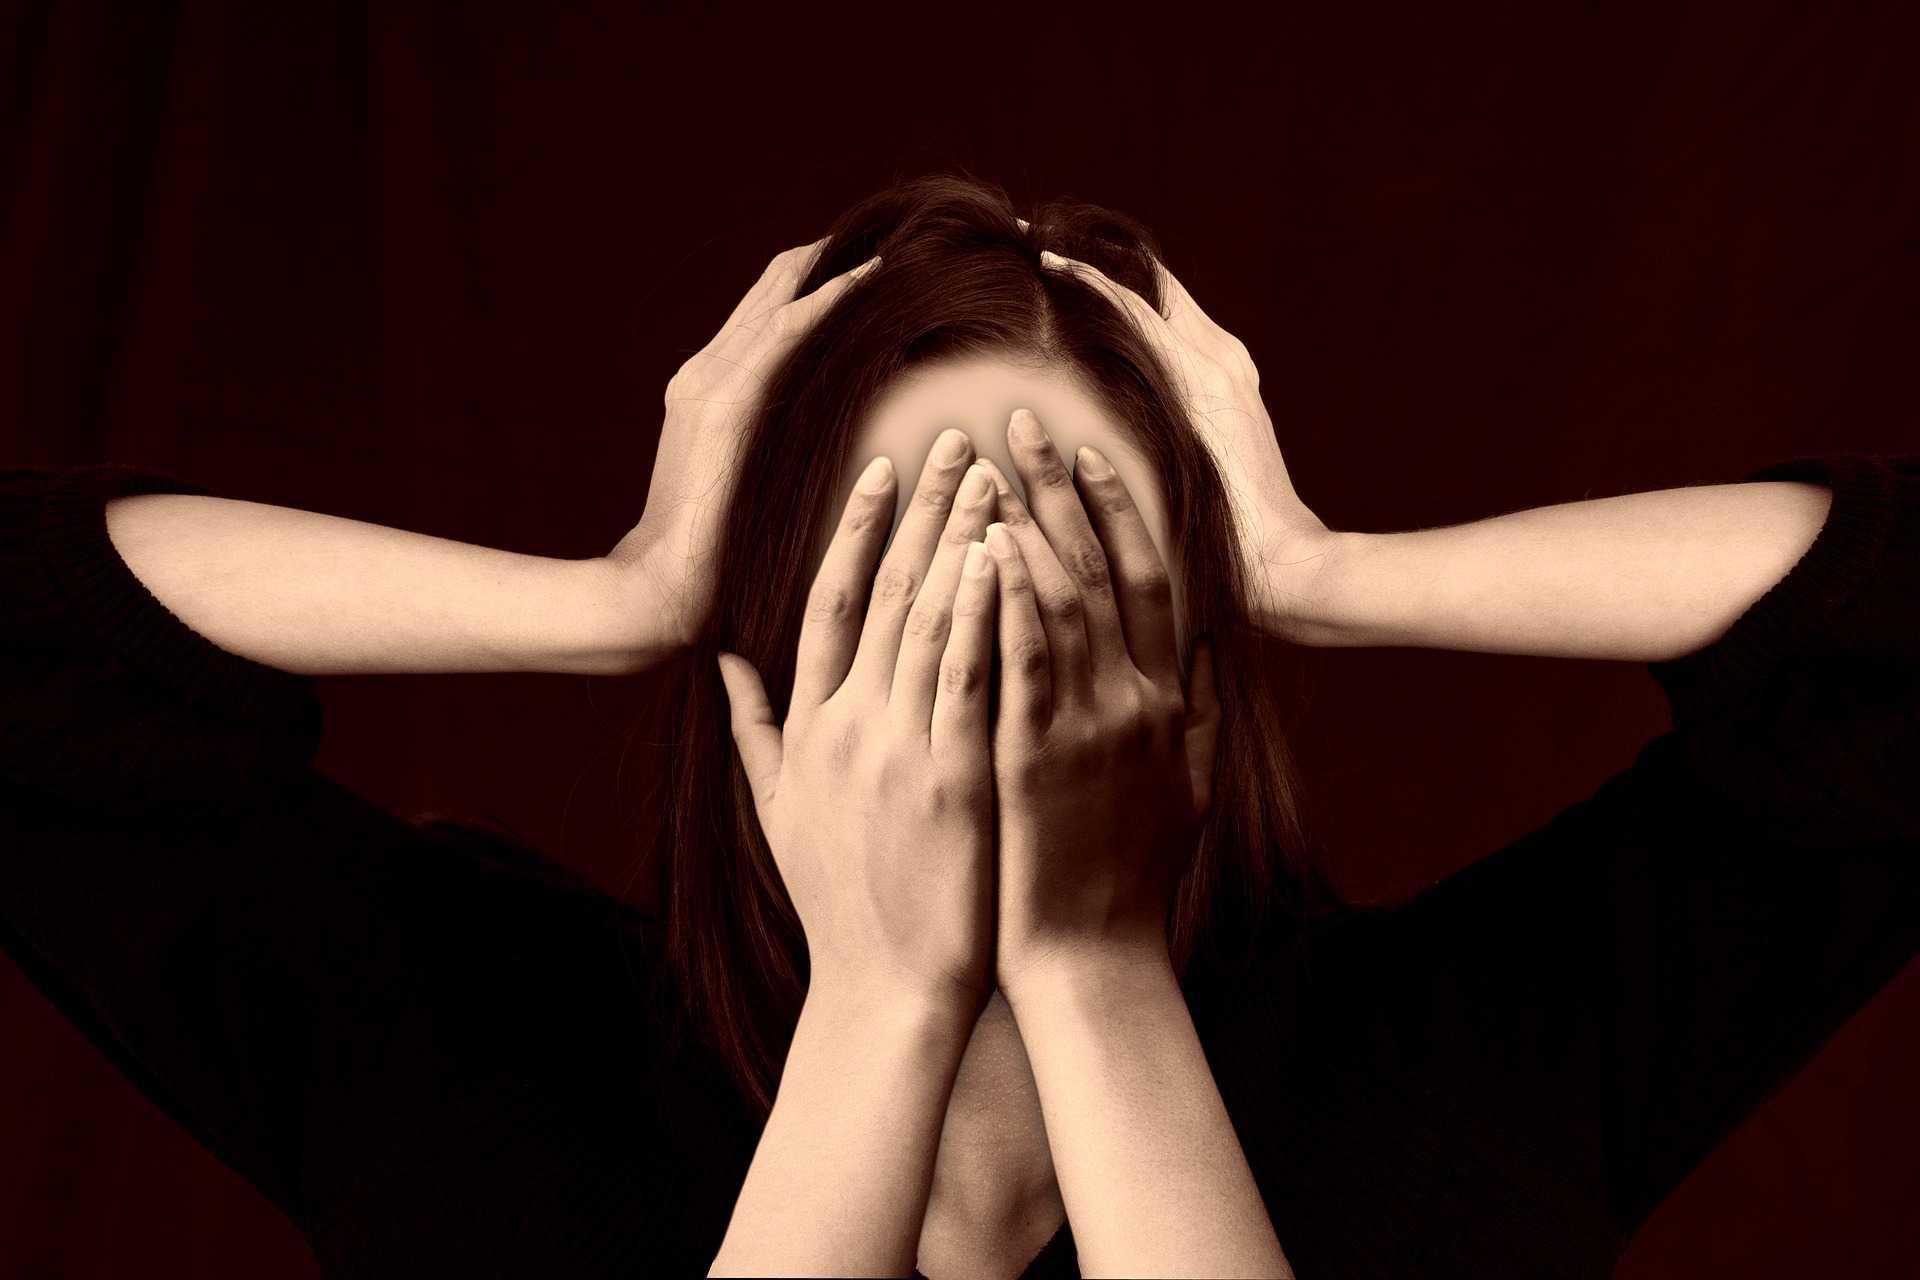 מכללת כרכור | הפרעת קשב, רק אם תבין תוכל לעזור!